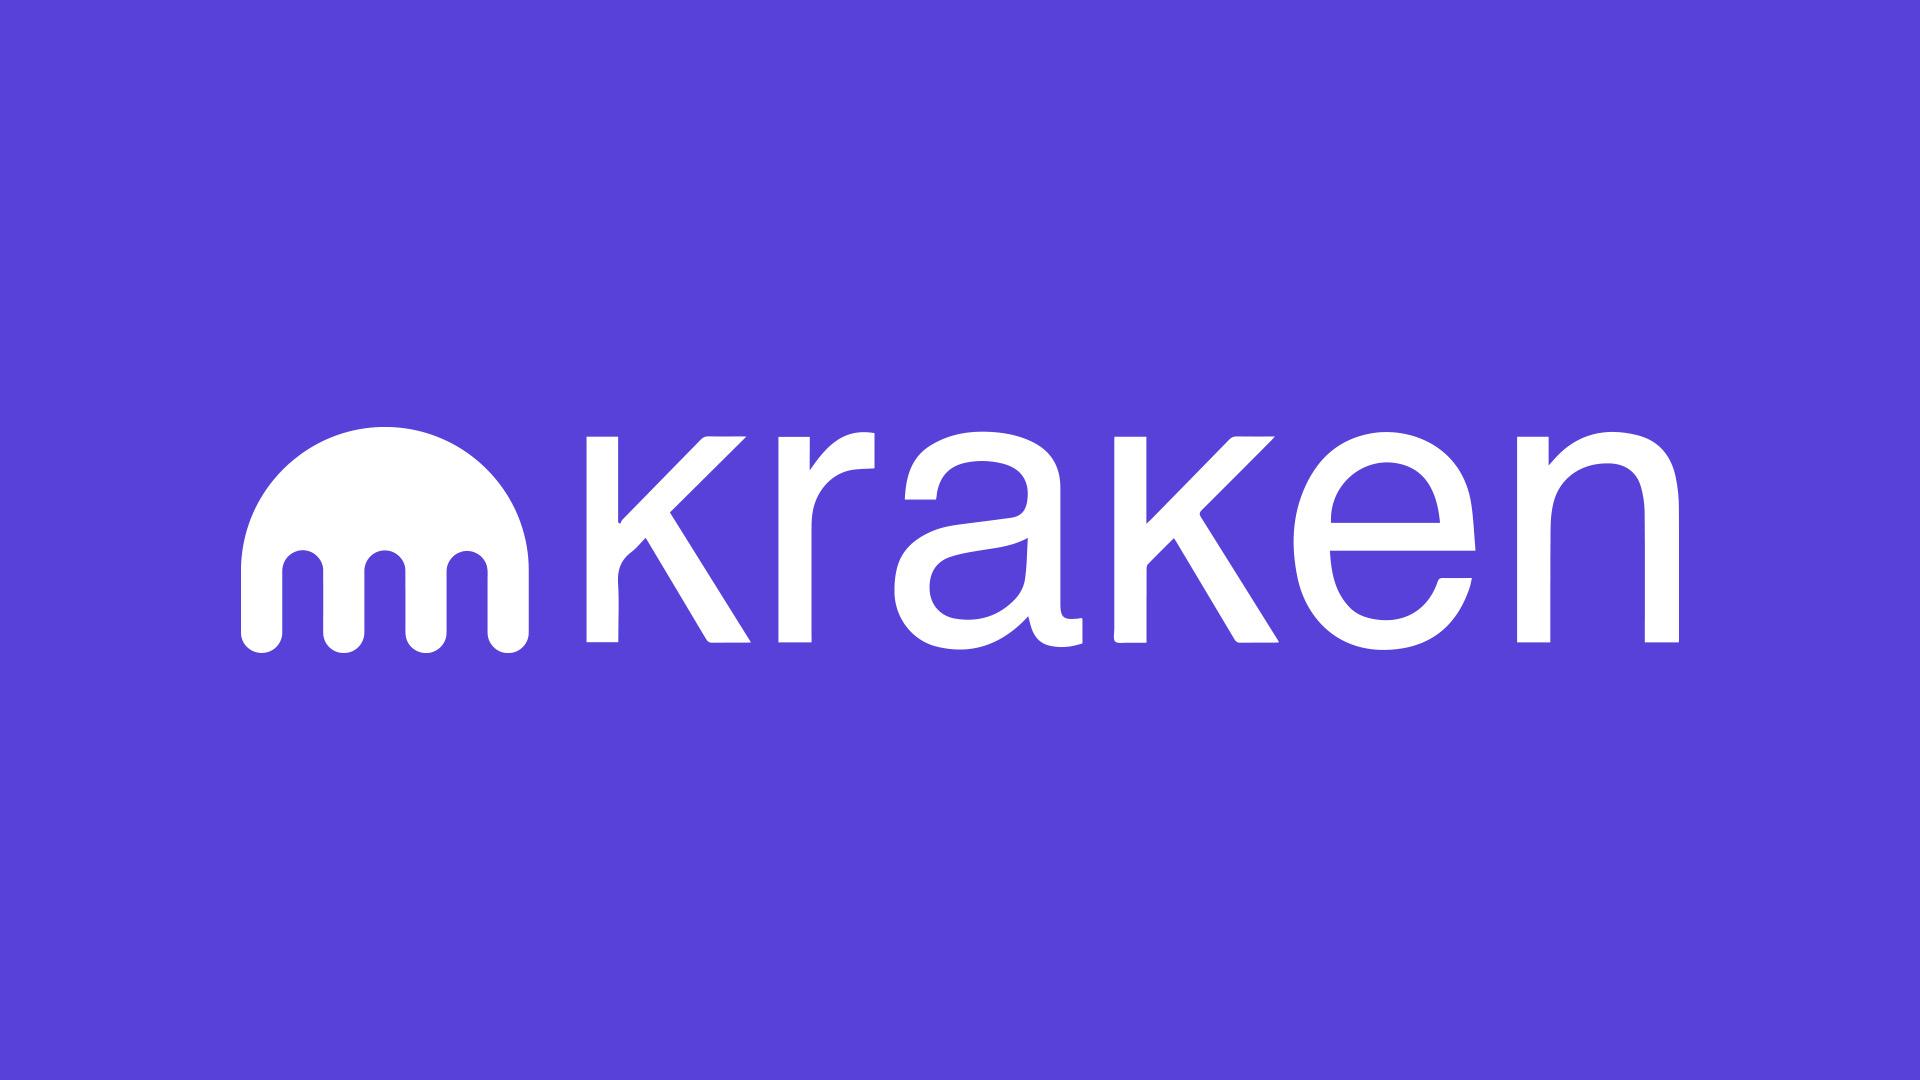 Kraken to halt some U.S. margin trading in light of regulatory guidance